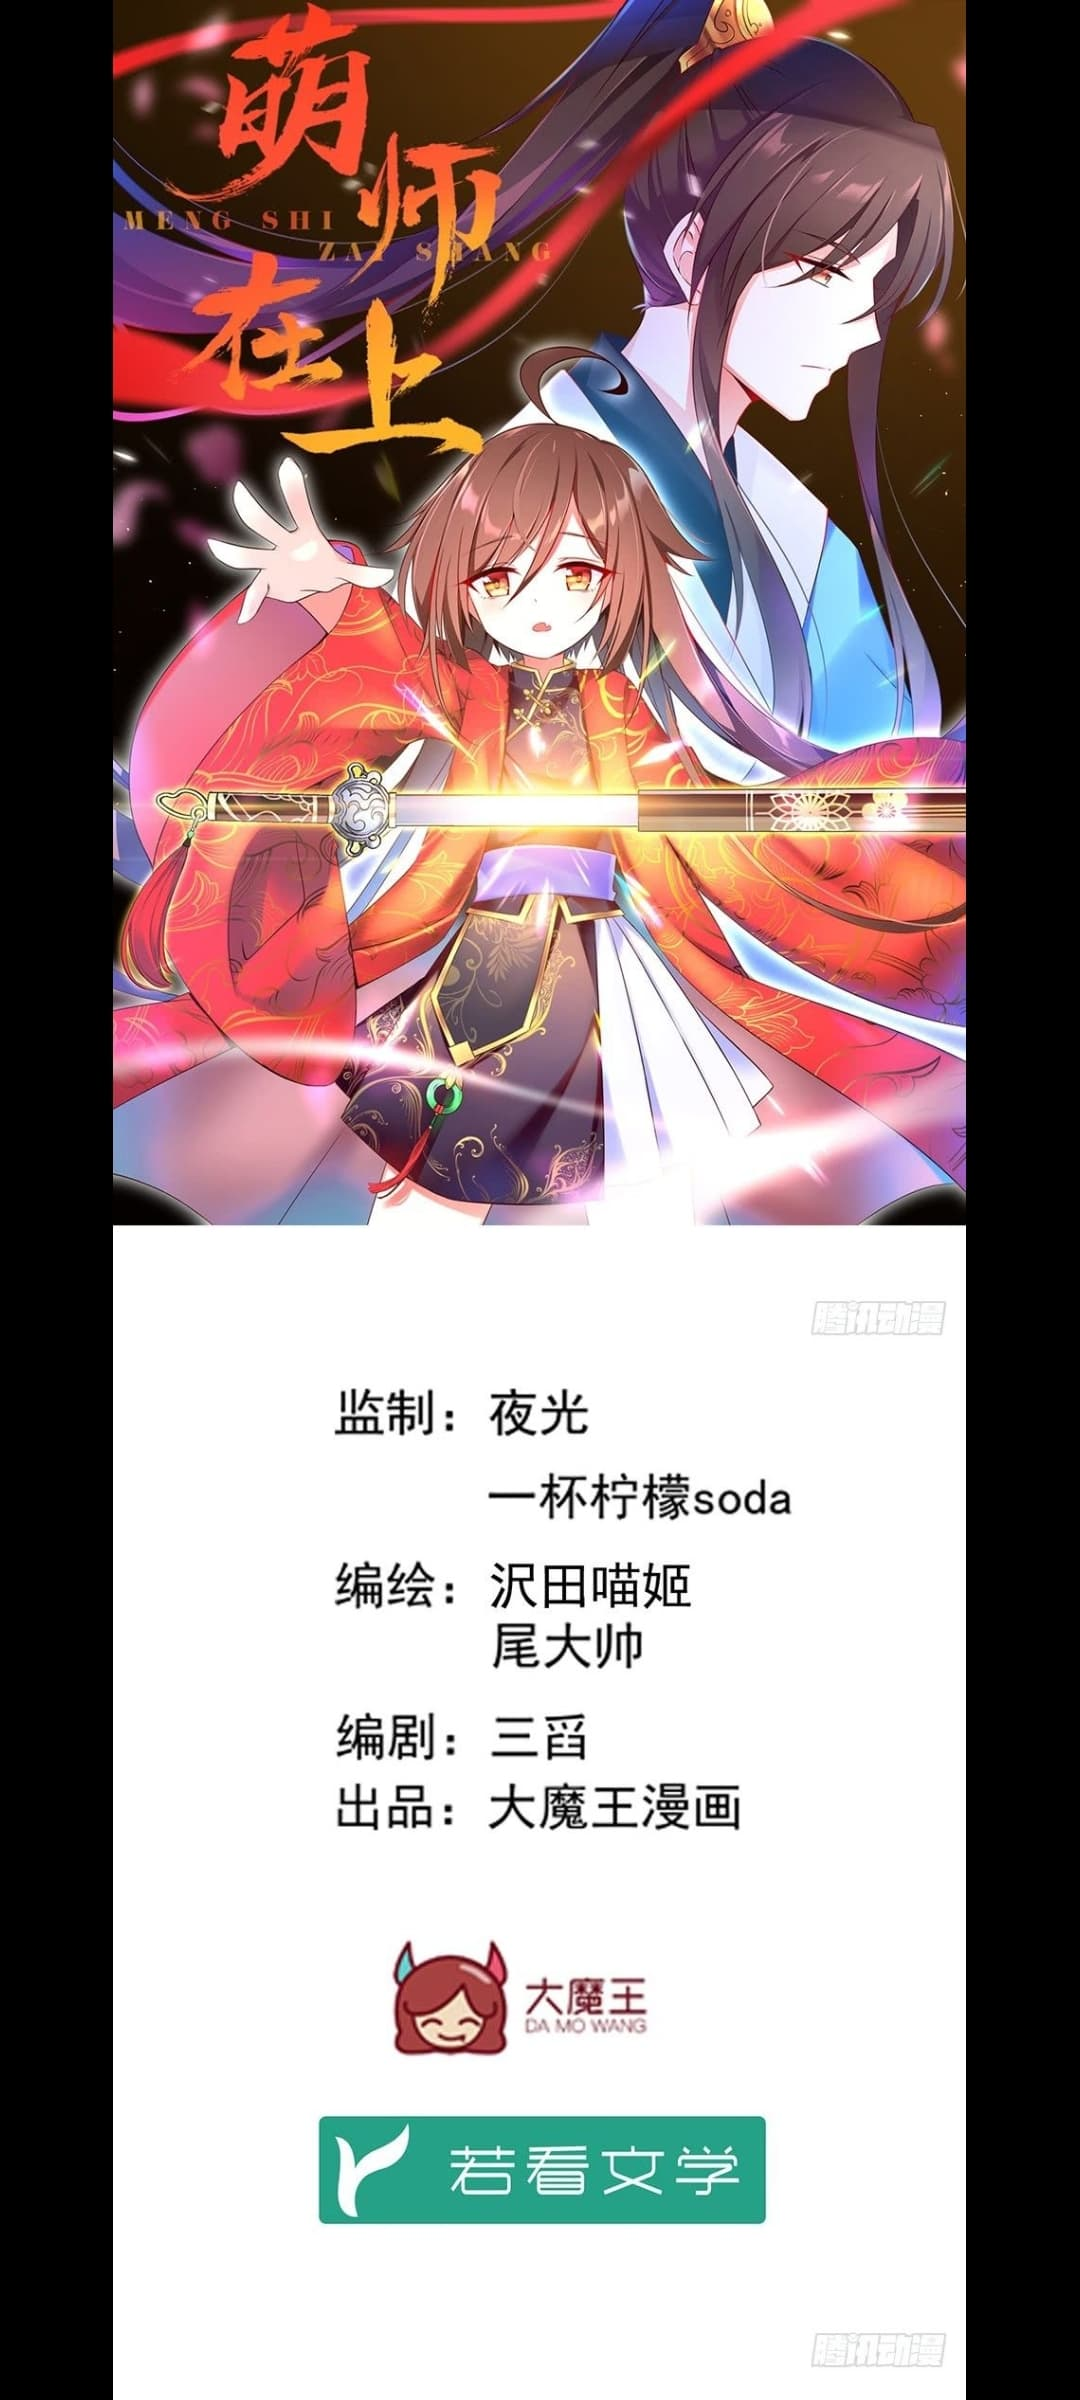 Meng Shi Zai Shang-ตอนที่ 6